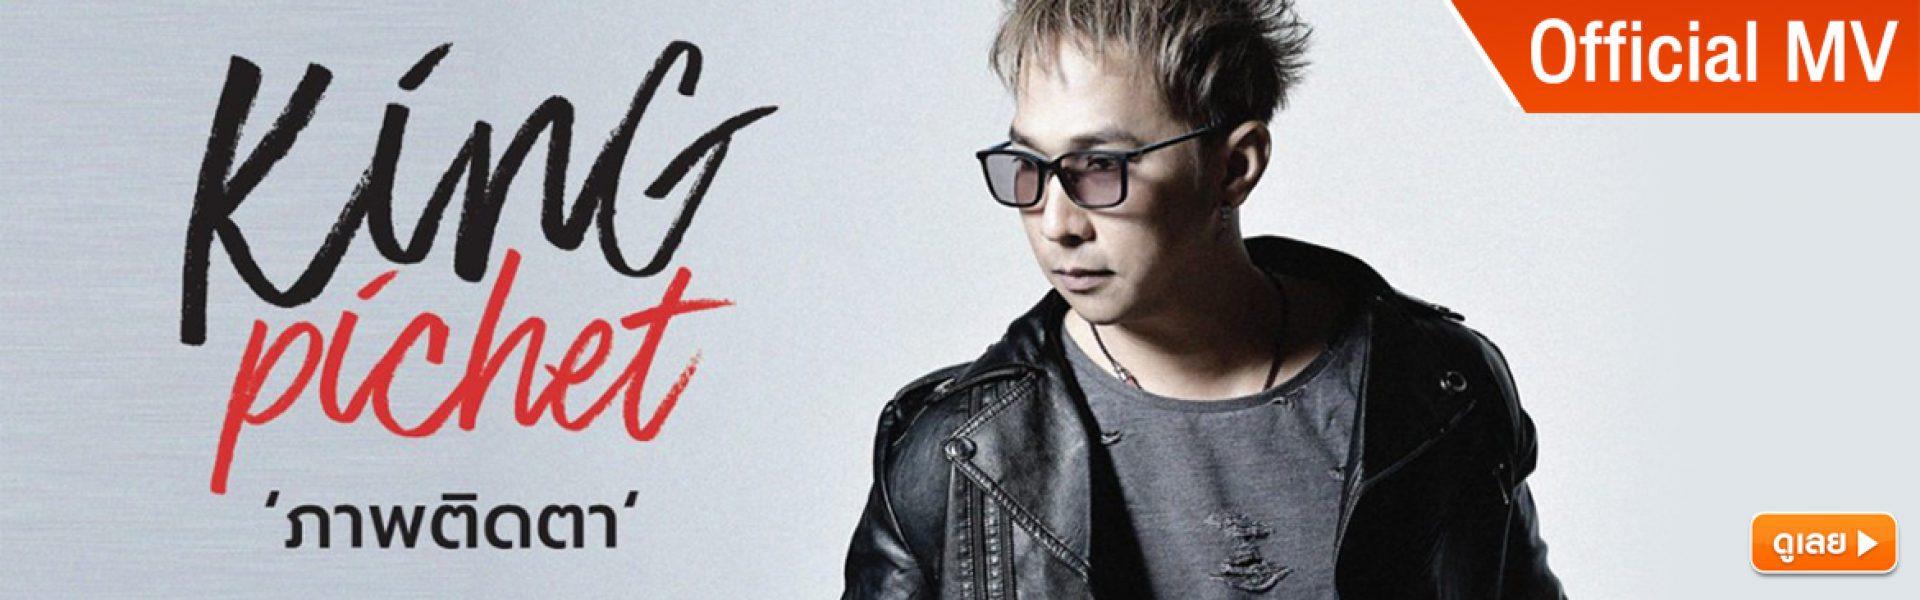 ภาพติดตา - คิง พิเชษฐ์ [Official MV]